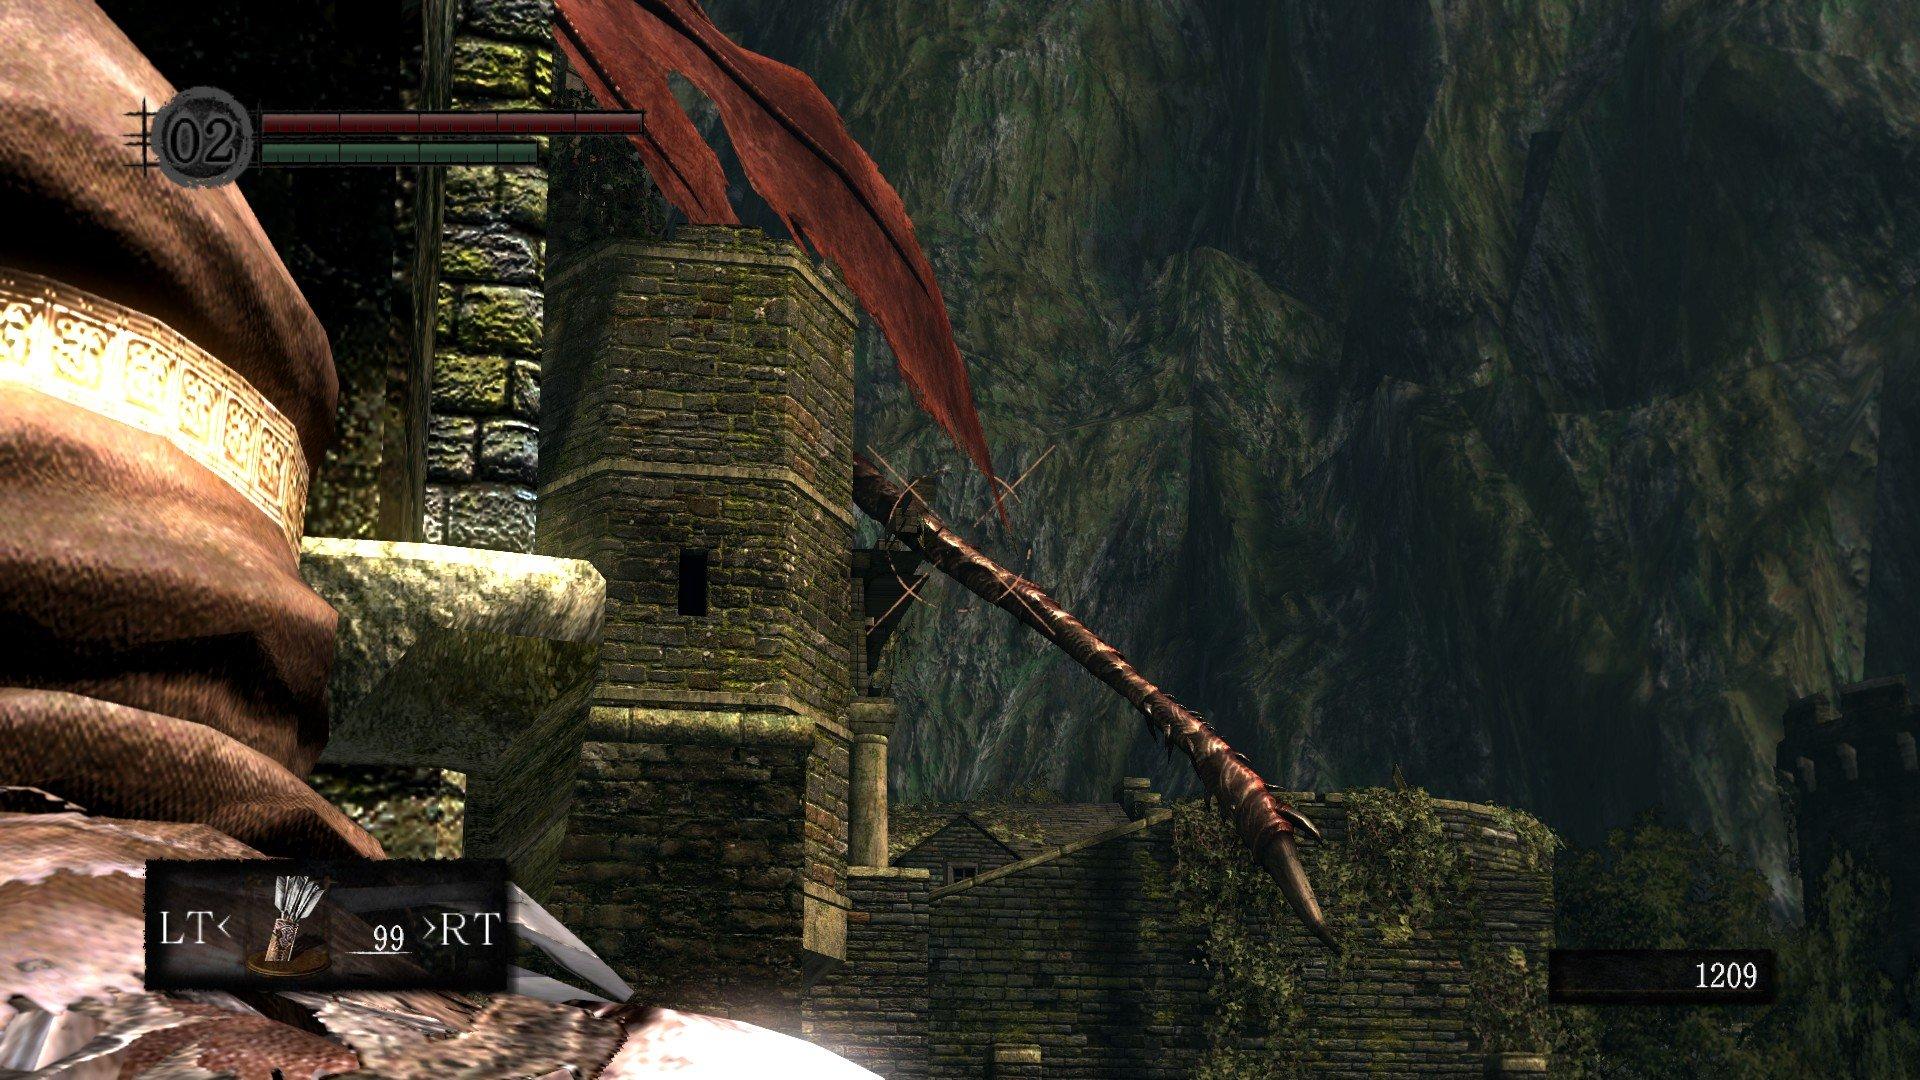 Вопль-прохождение Dark Souls часть 1 (ЗАПИСЬ) ... еще не решил, как это называть! - Изображение 11